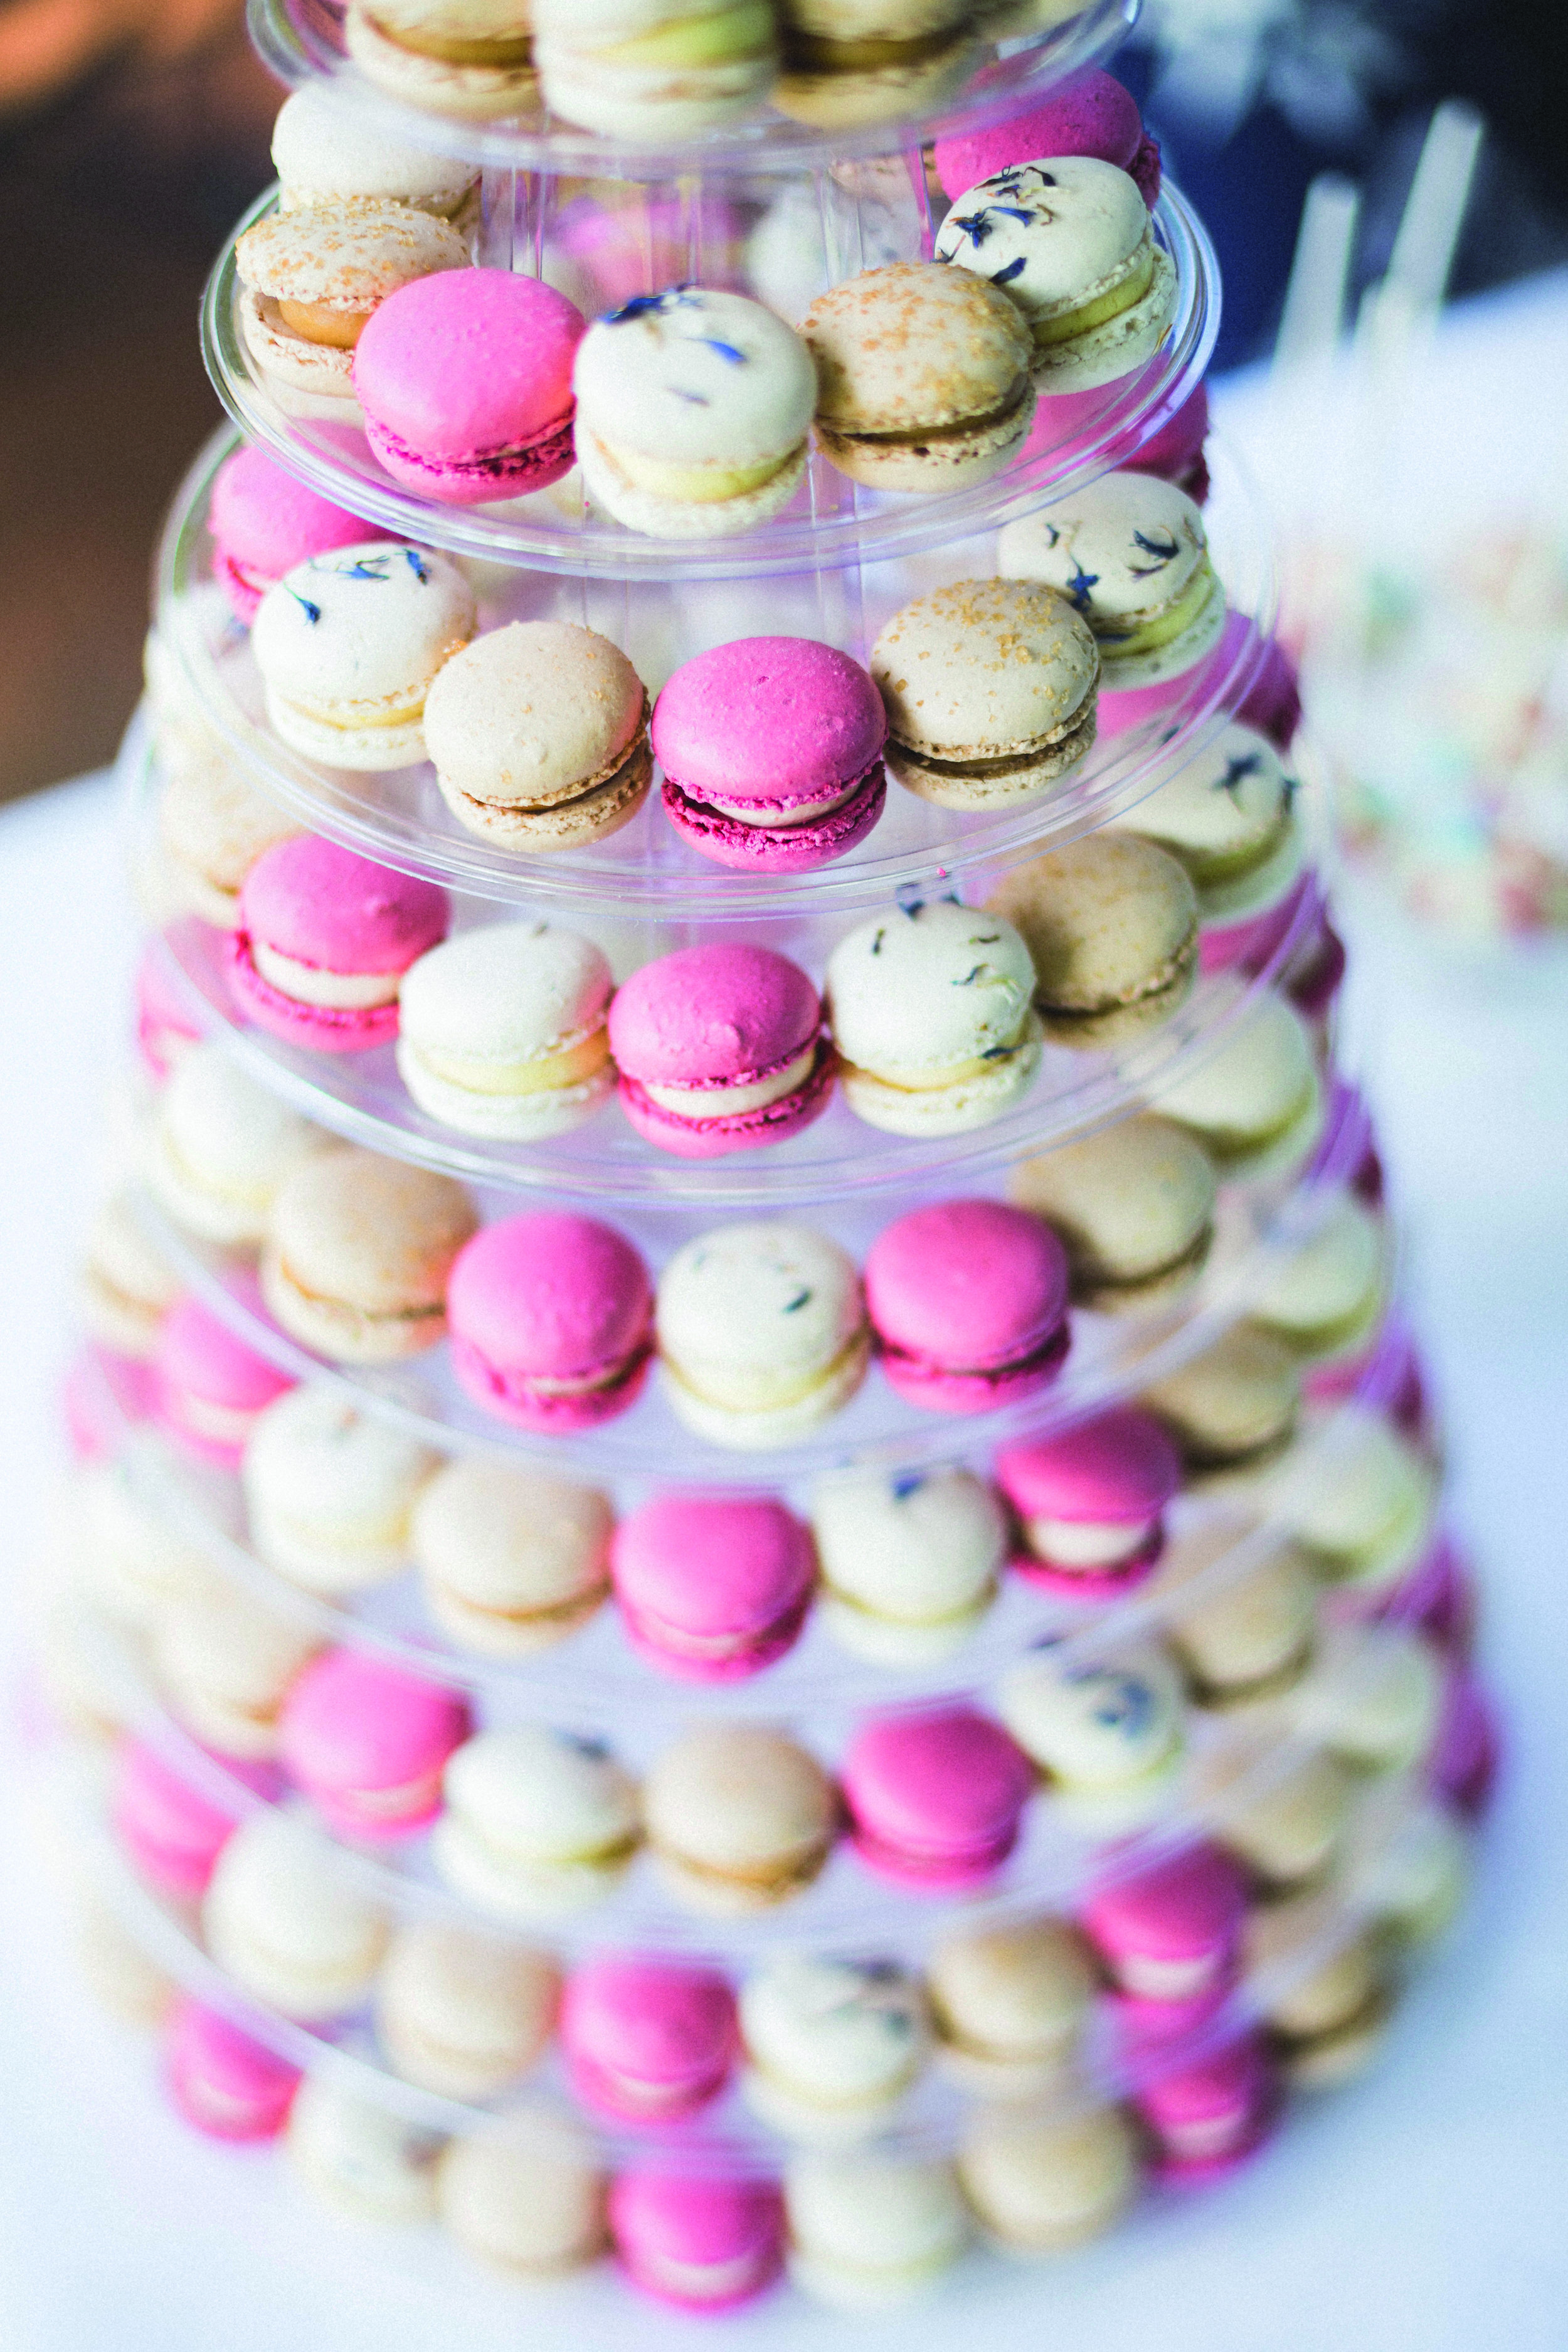 Hochzeitspyramide.jpg